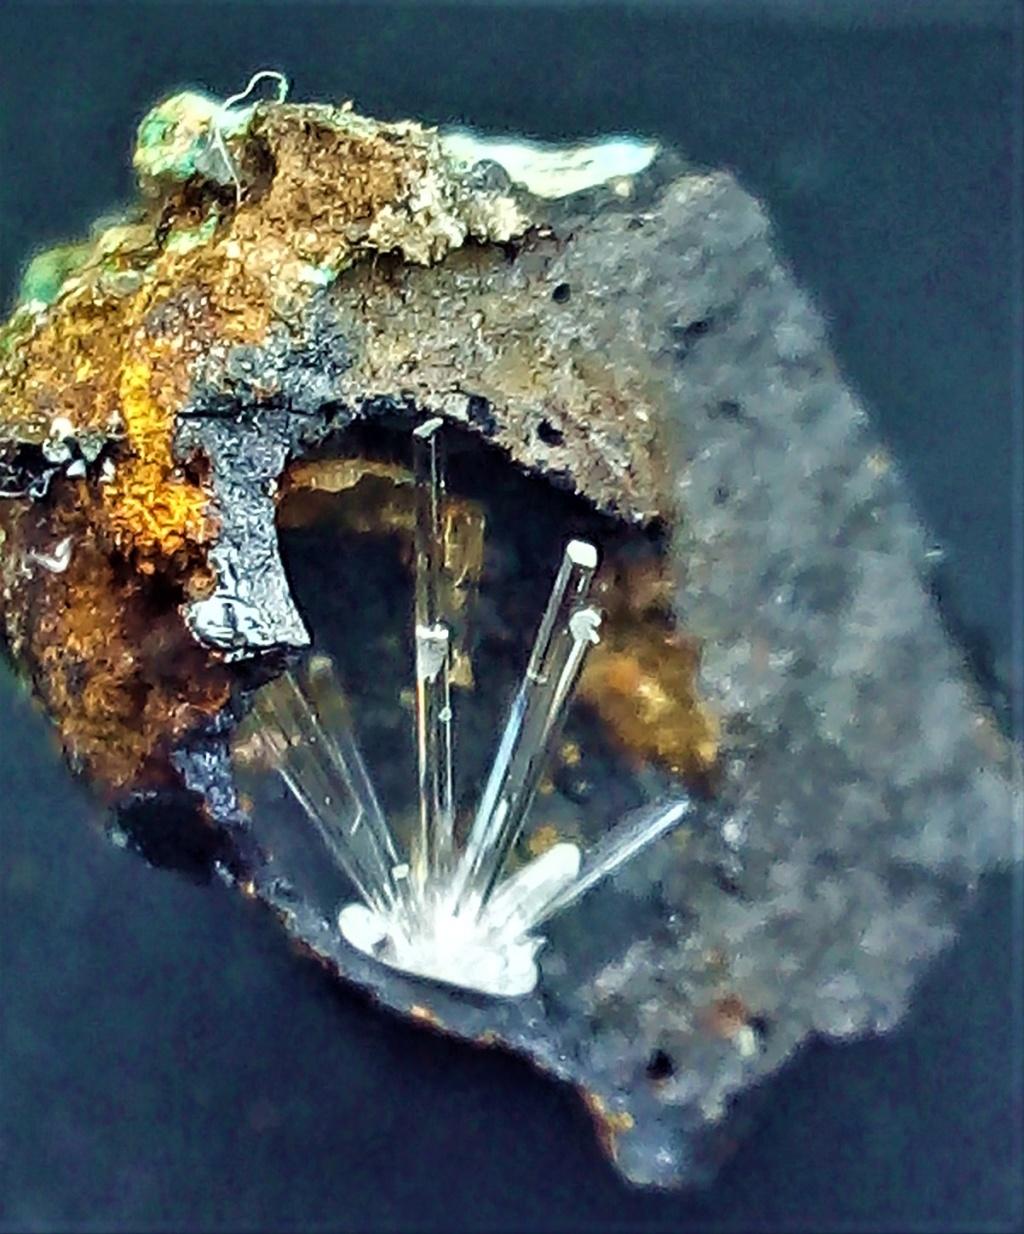 SCLAIGNEAUX site qui contient de minéraux de scorie Img_2235